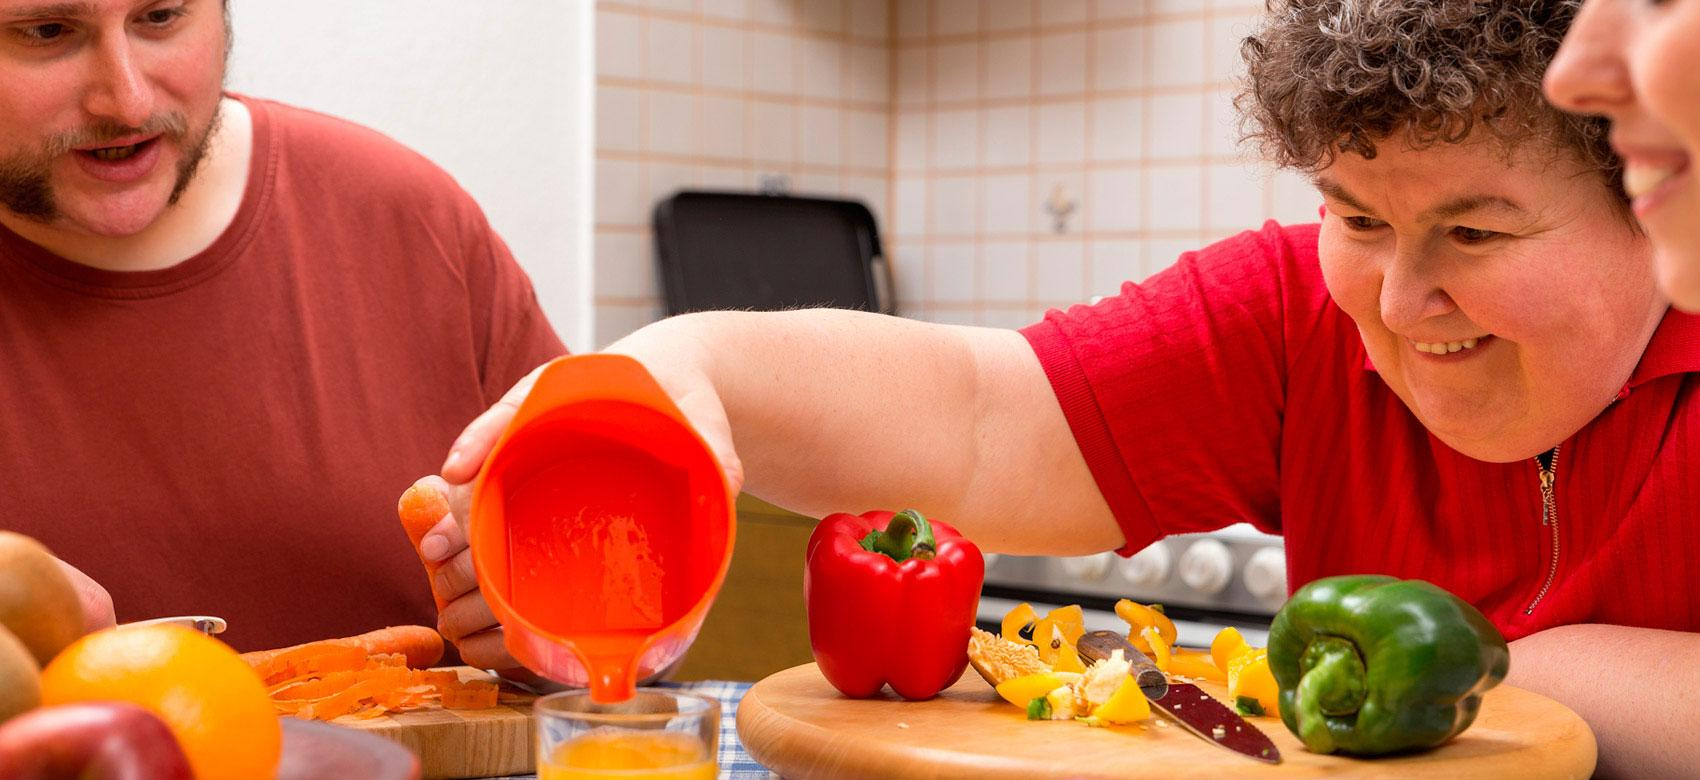 Mujer preparando zumo en una residencia